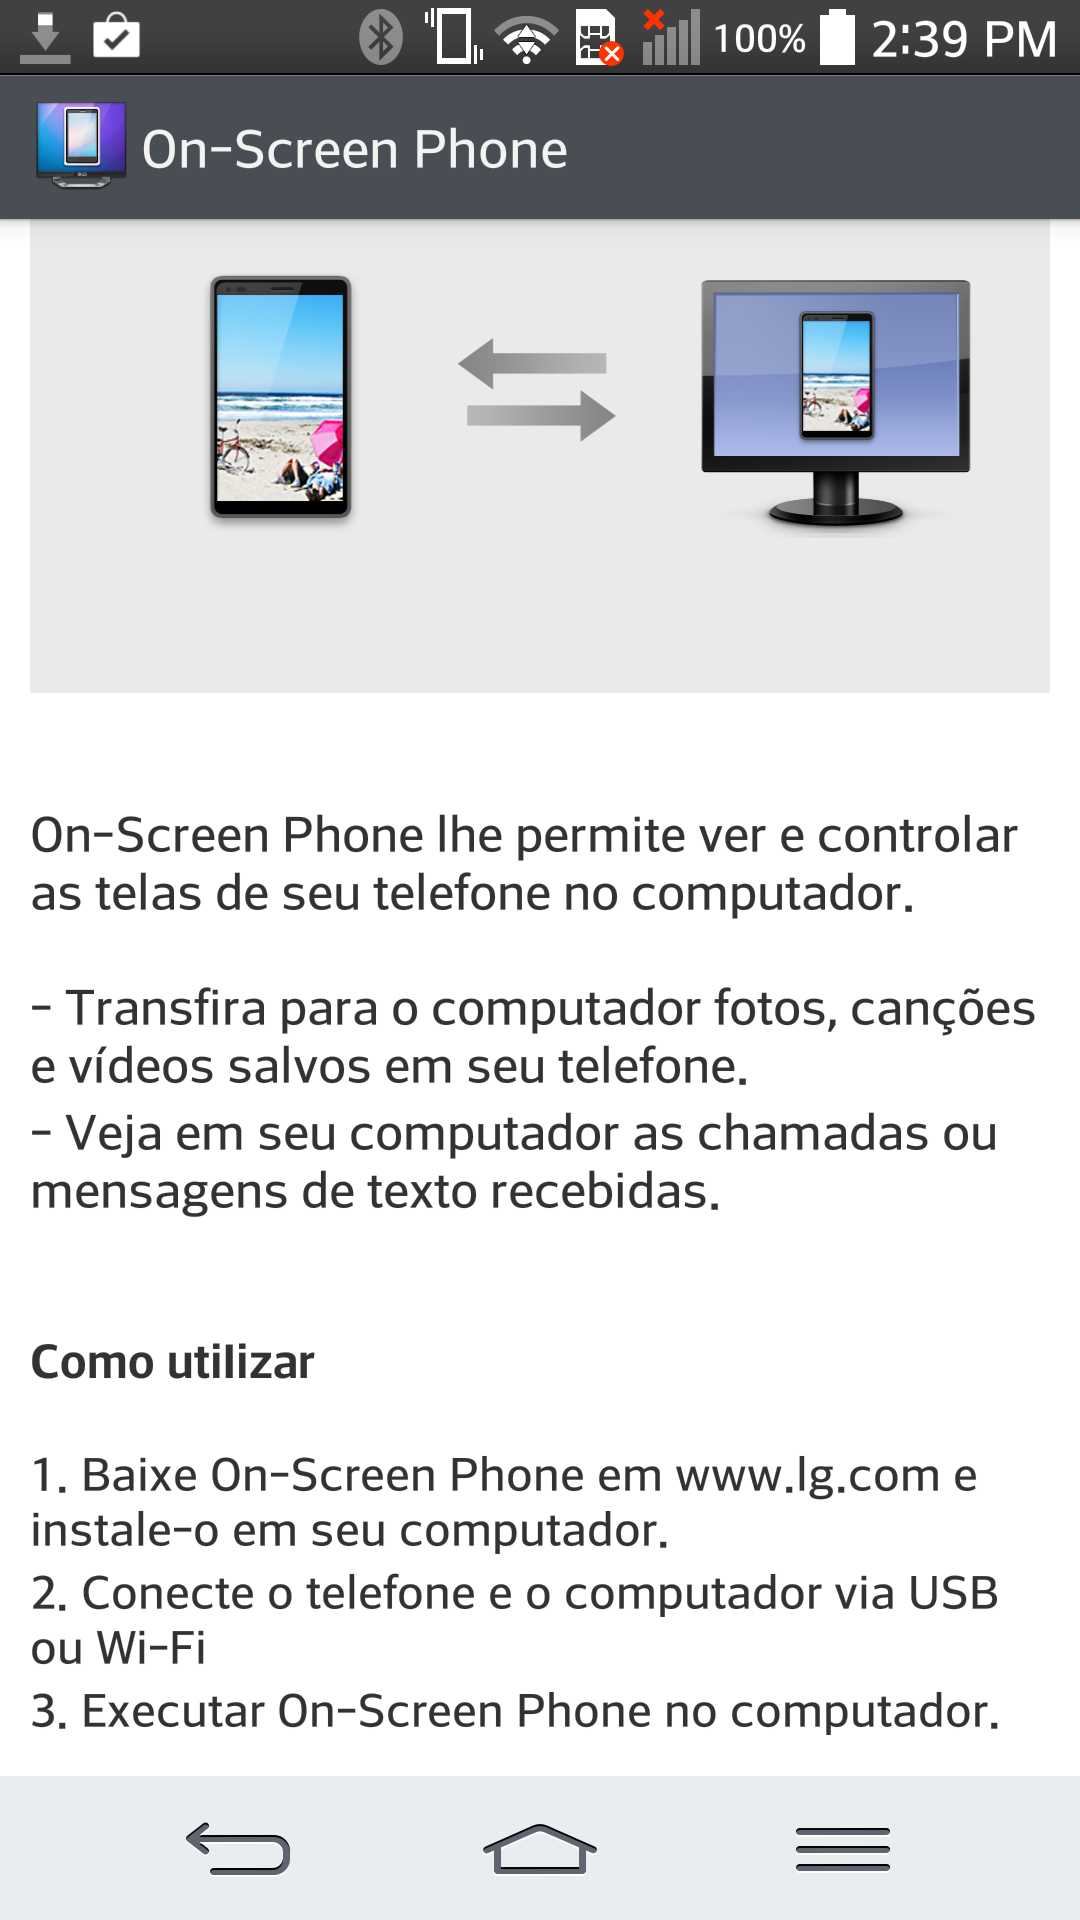 tela de instrução para utilizar a função On-Screen Phone